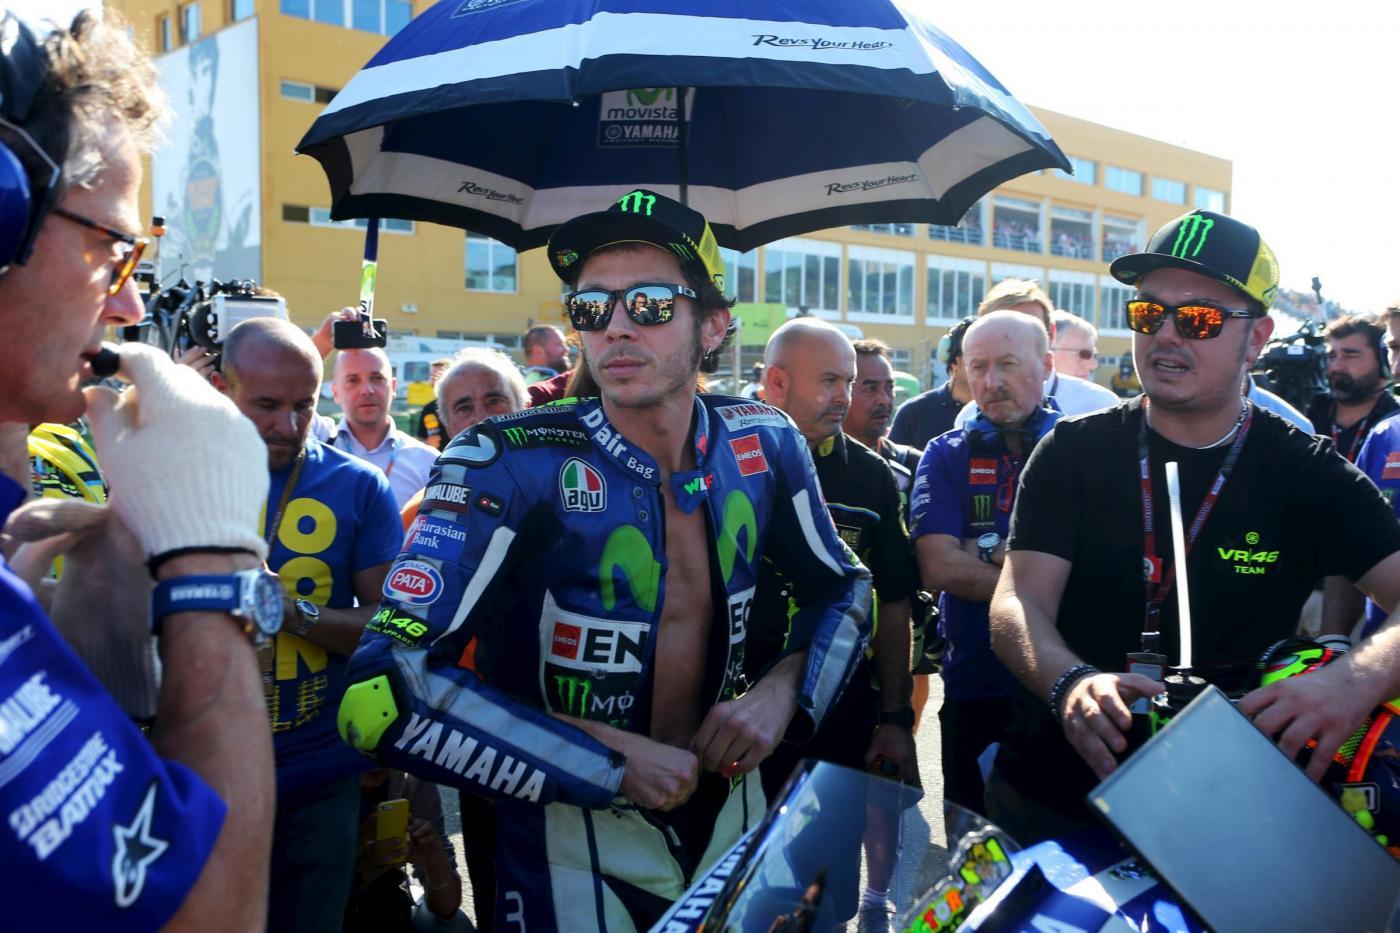 MotoGP, Lorenzo vince il Gp di Valencia e conquista il suo terzo titolo mondiale